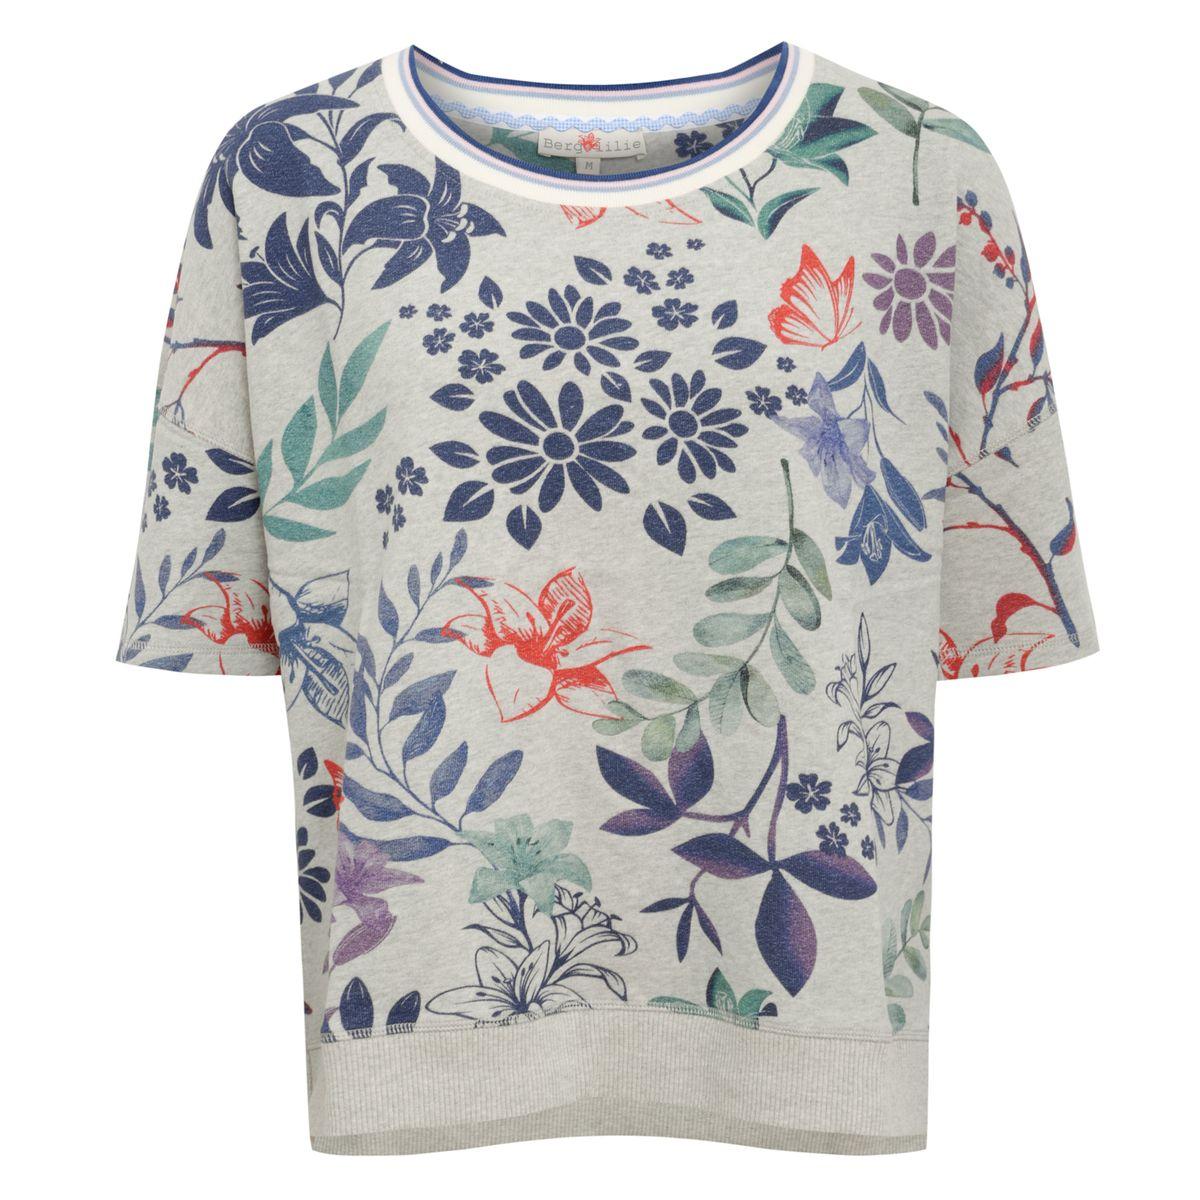 Pullover Annemarie in Hellgrau von Berglilie günstig online kaufen